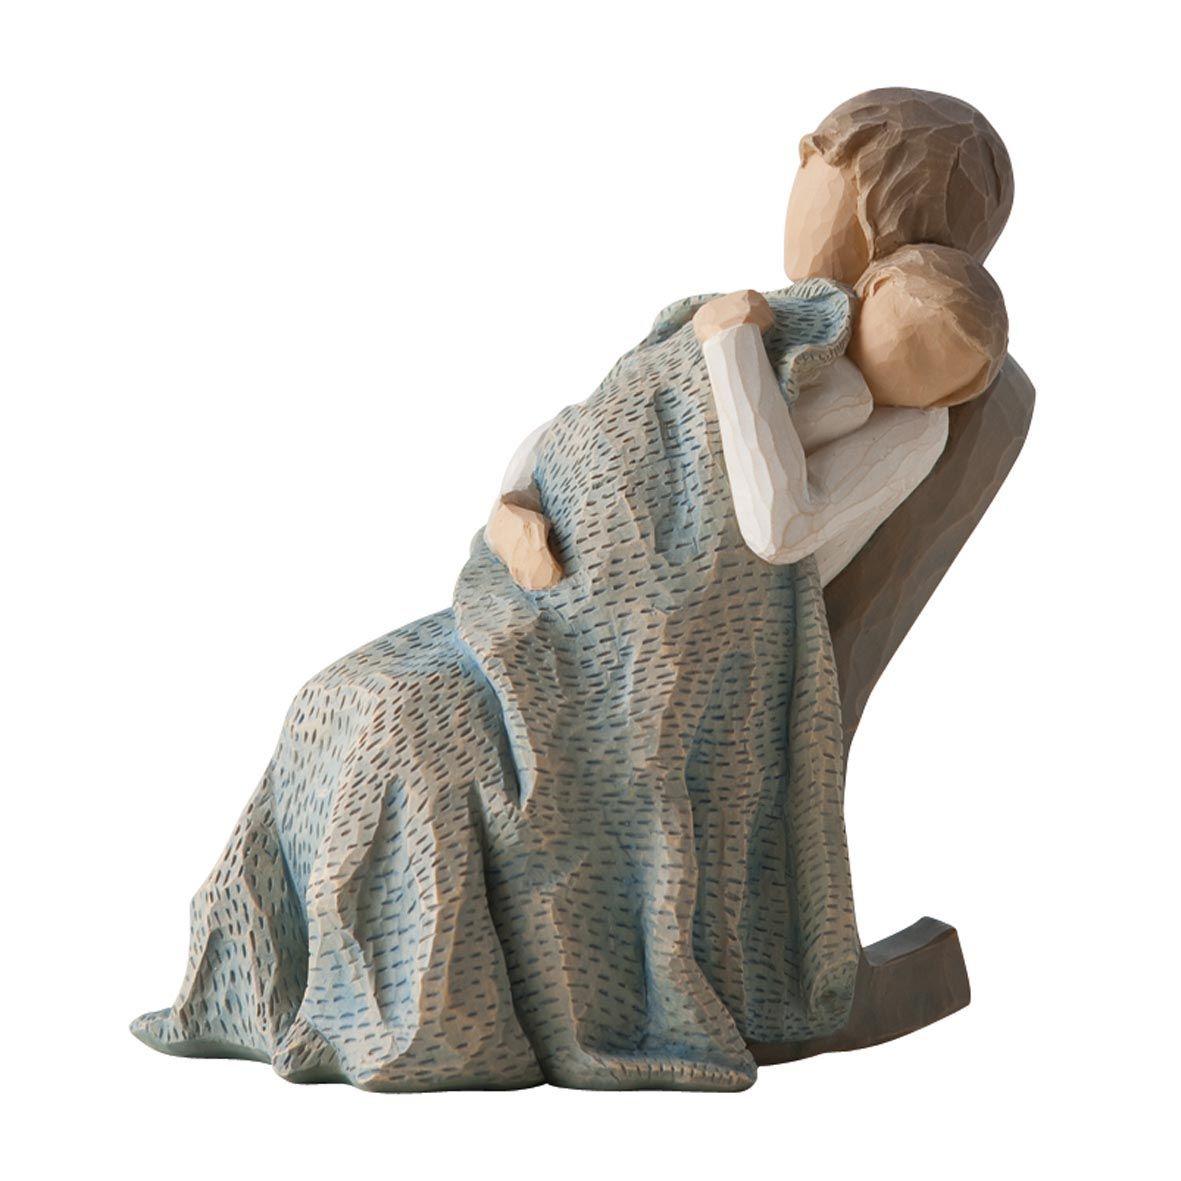 Фигурка декоративная Willow Tree Одеяло, высота 14 см26250Декоративная фигурка Willow Tree создана канадским скульптором Сьюзан Лорди. Фигурка выполнена из искусственного камня (49% карбонат кальция мелкозернистой разновидности, 51% искусственный камень).Фигурка Willow Tree – это настоящее произведение искусства, образная скульптура в миниатюре, изображающая эмоции и чувства, которые помогают чувствовать себя ближе к другим, верить в мечту, выражать любовь.Фигурка помещена в красивую упаковку.Купить такой оригинальный подарок, значит не только украсить интерьер помещения или жилой комнаты, но выразить свое глубокое отношение к любимому человеку. Этот прекрасный сувенир будет лучшим подарком на день ангела, именины, день рождения, юбилей.